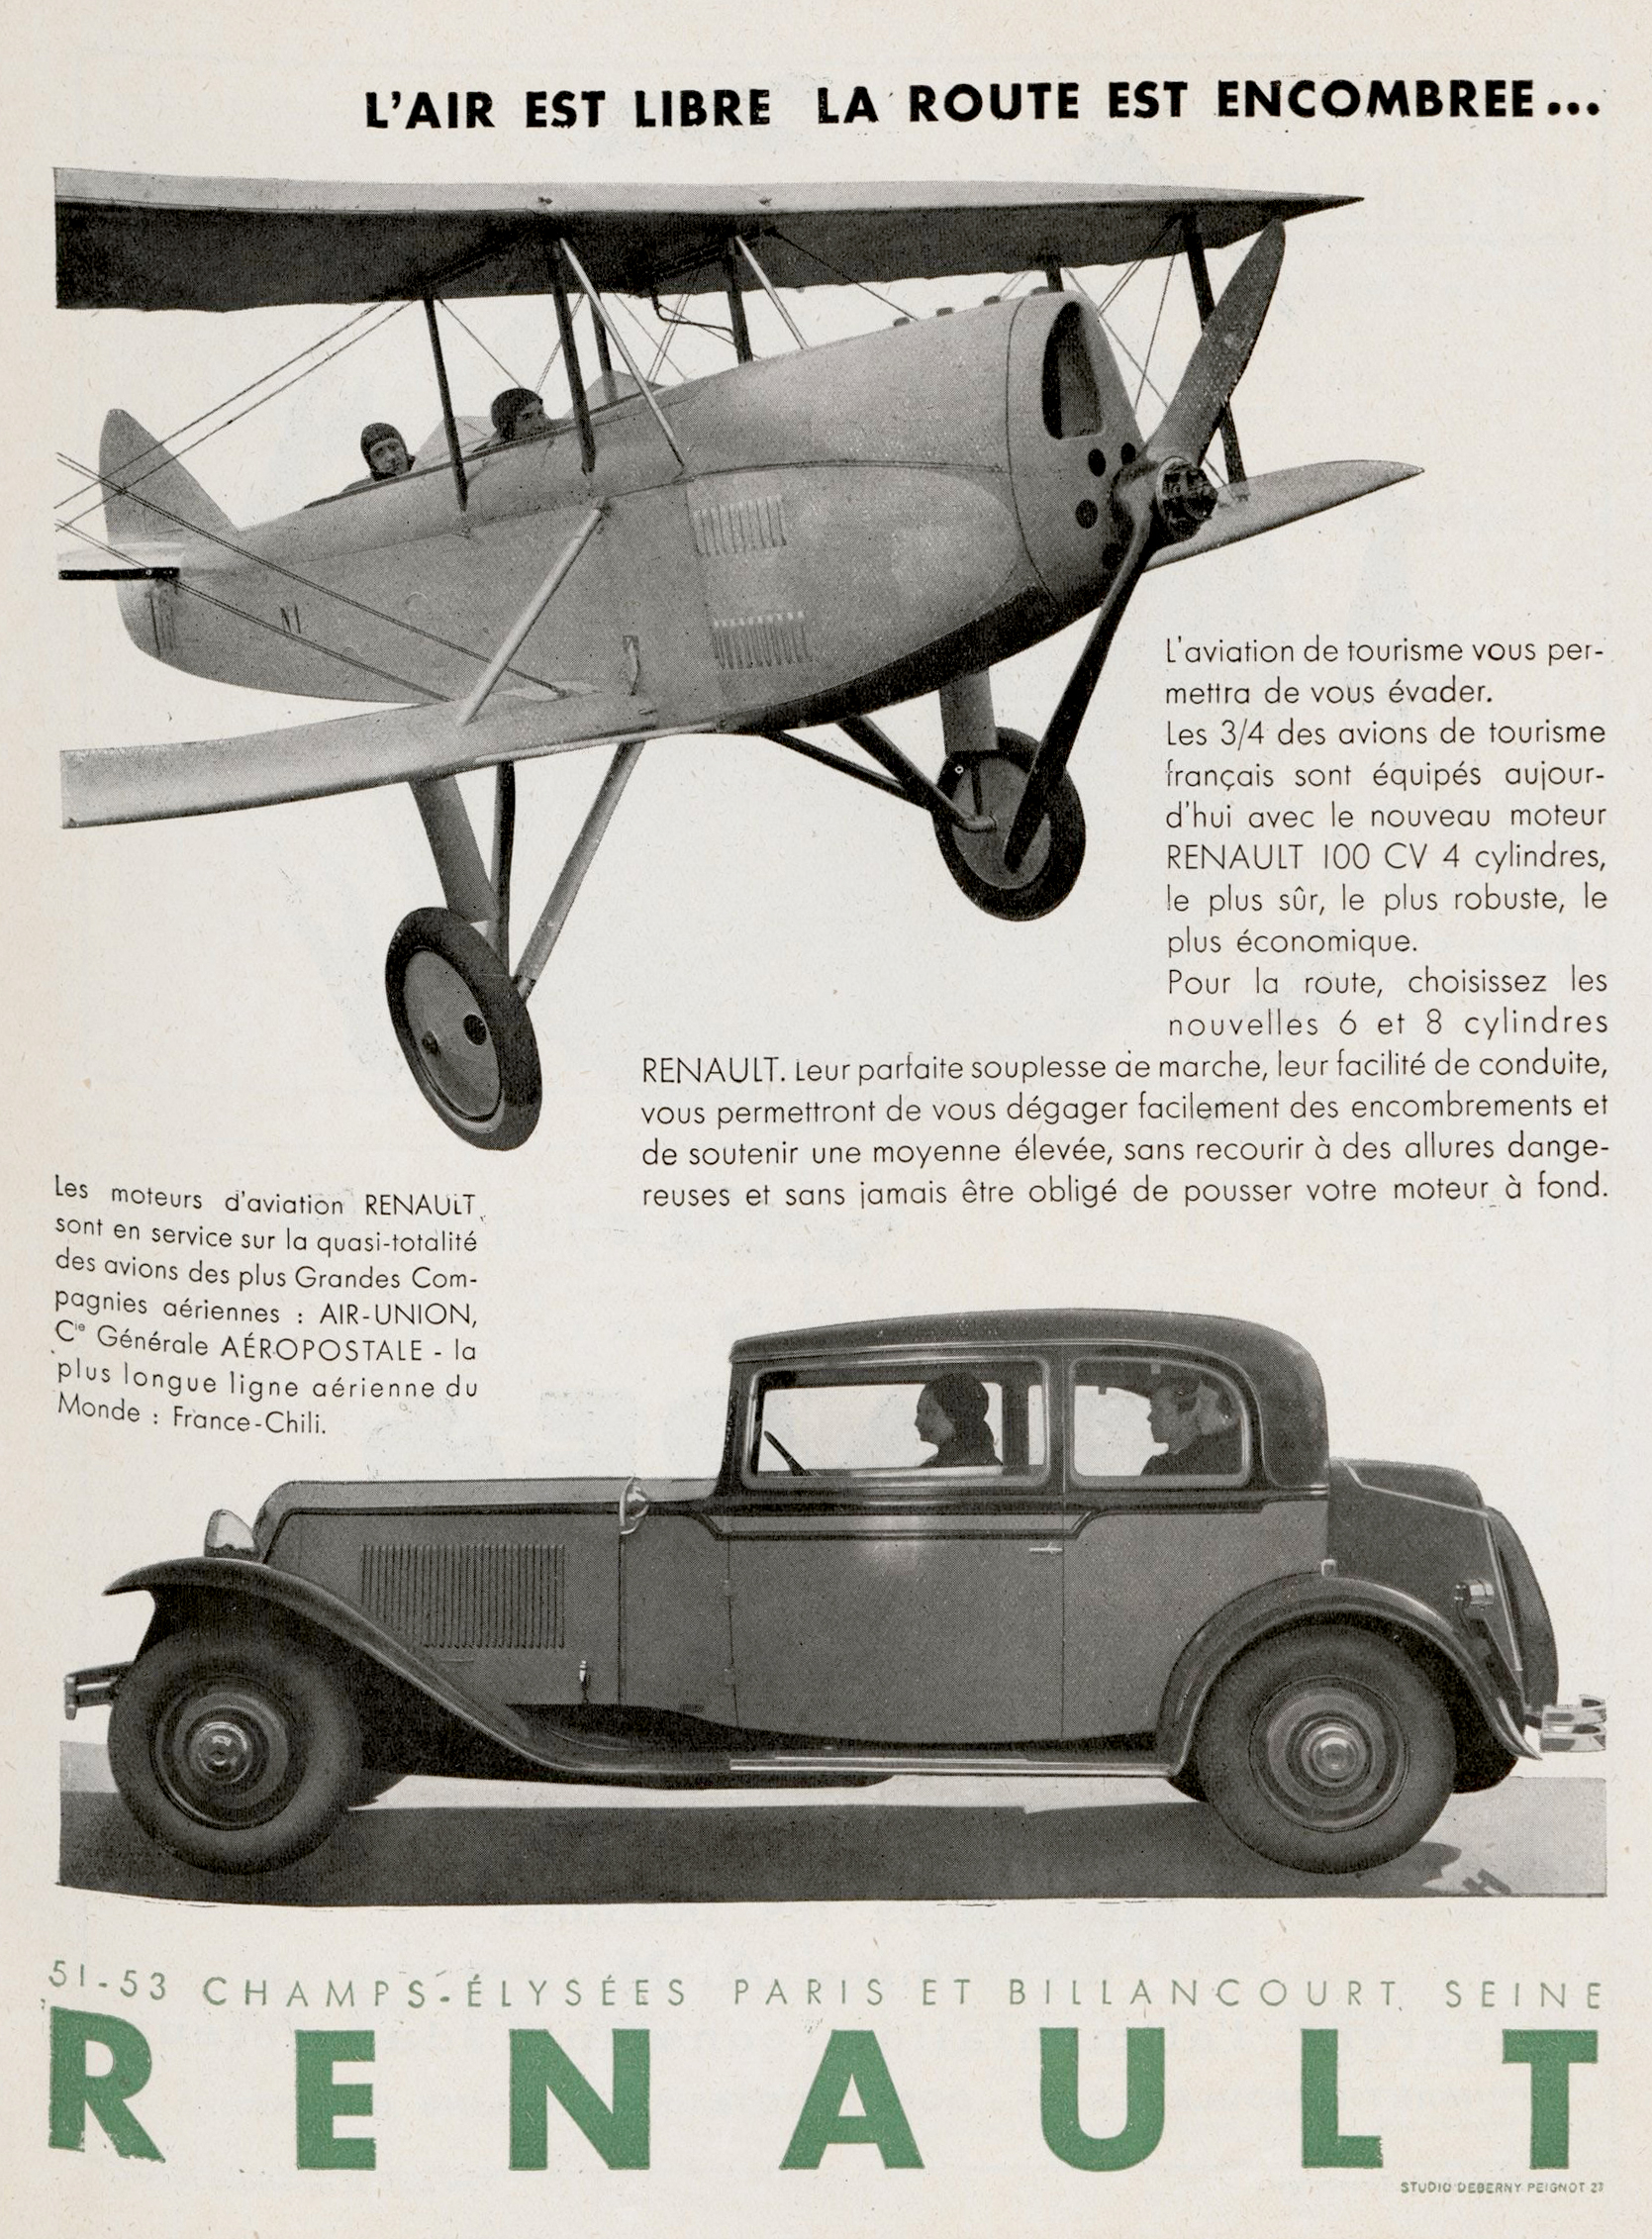 1931abrillaeronautique4